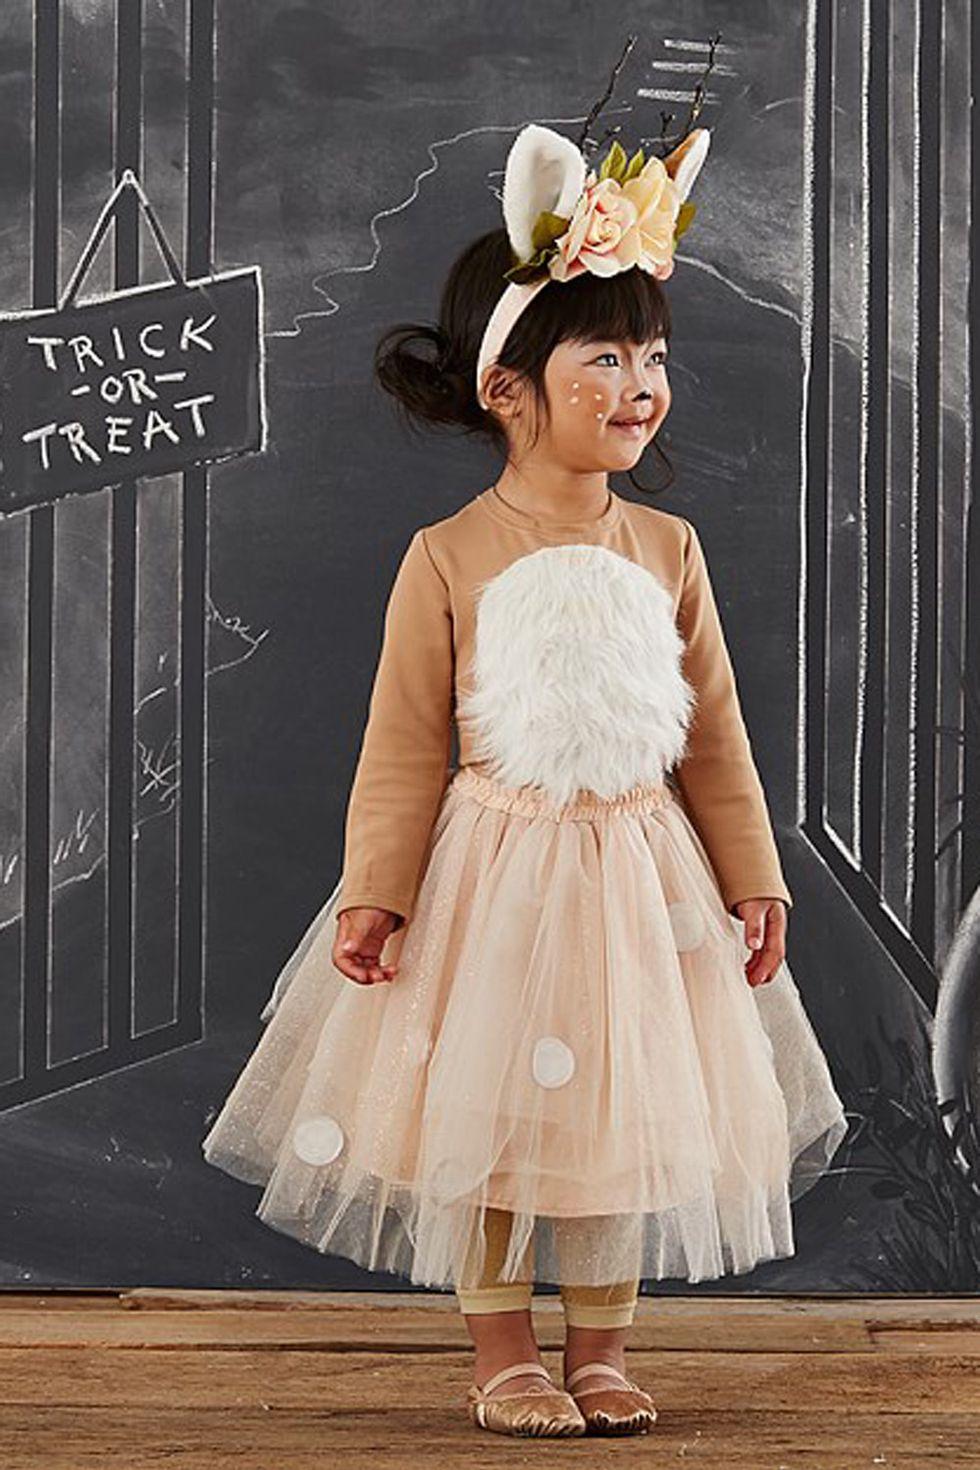 ideias fantasias halloween1 - 25 Ideias de disfarces de Halloween para bebes e crianças